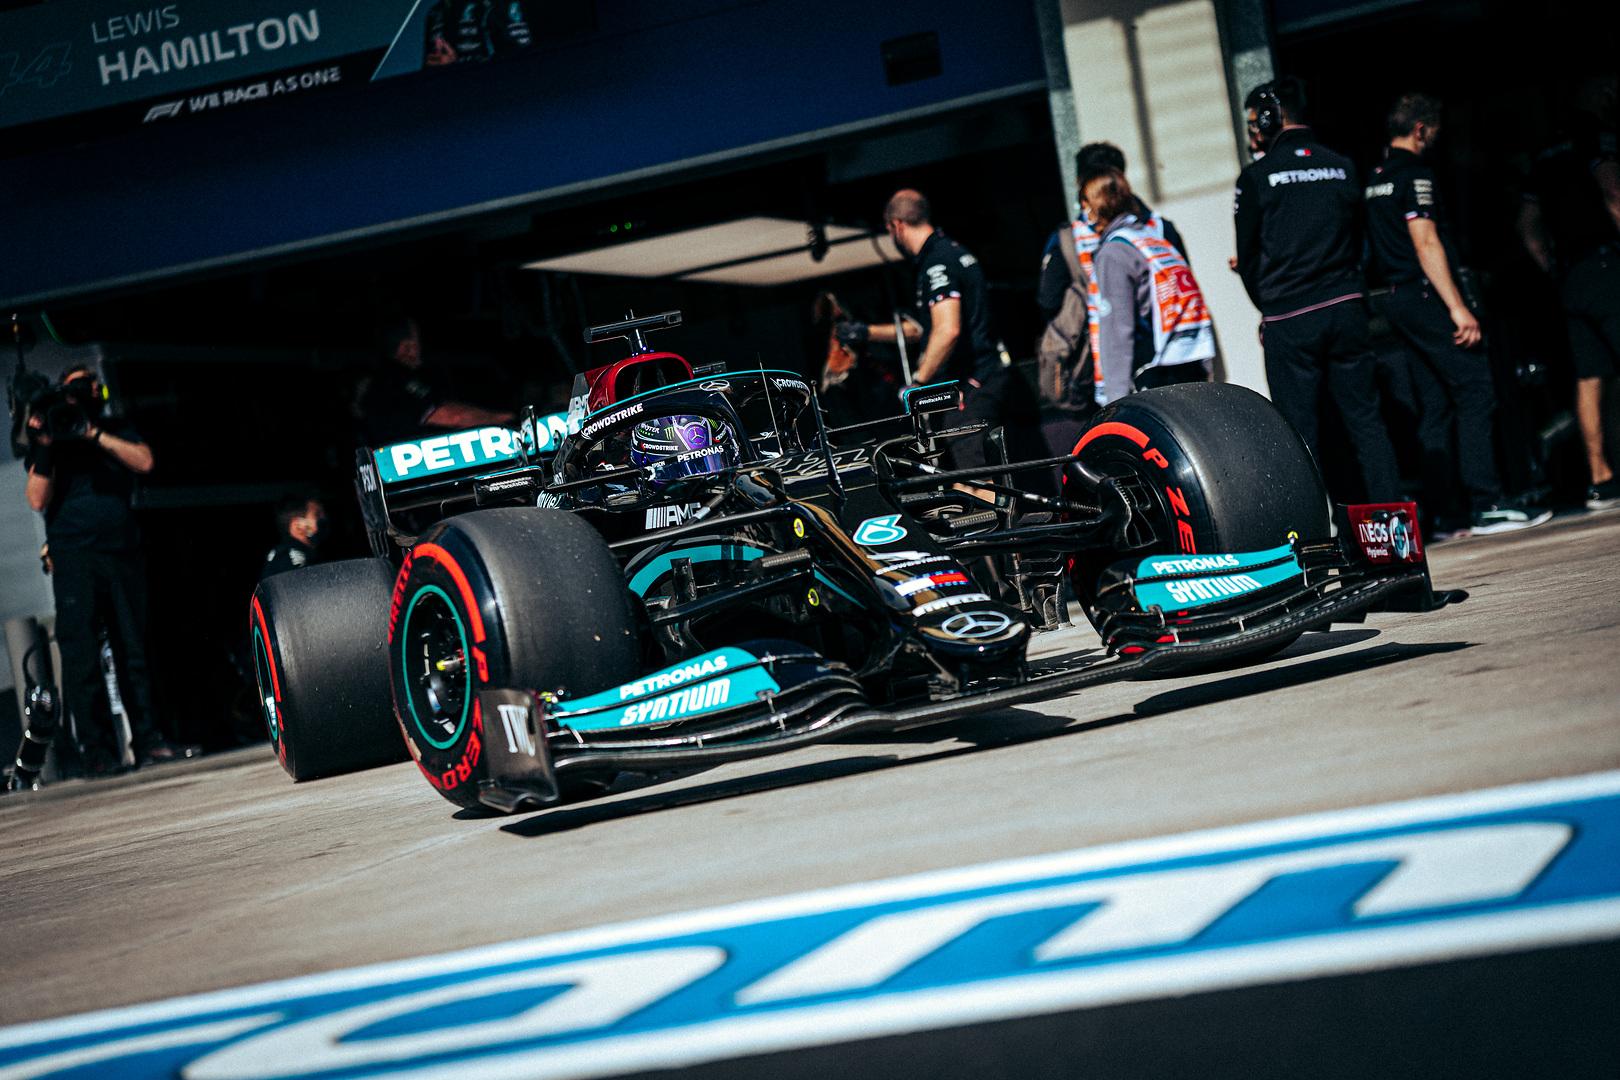 Naujas variklis kvalifikacijoje L. Hamiltonui pridėjo 22 AG